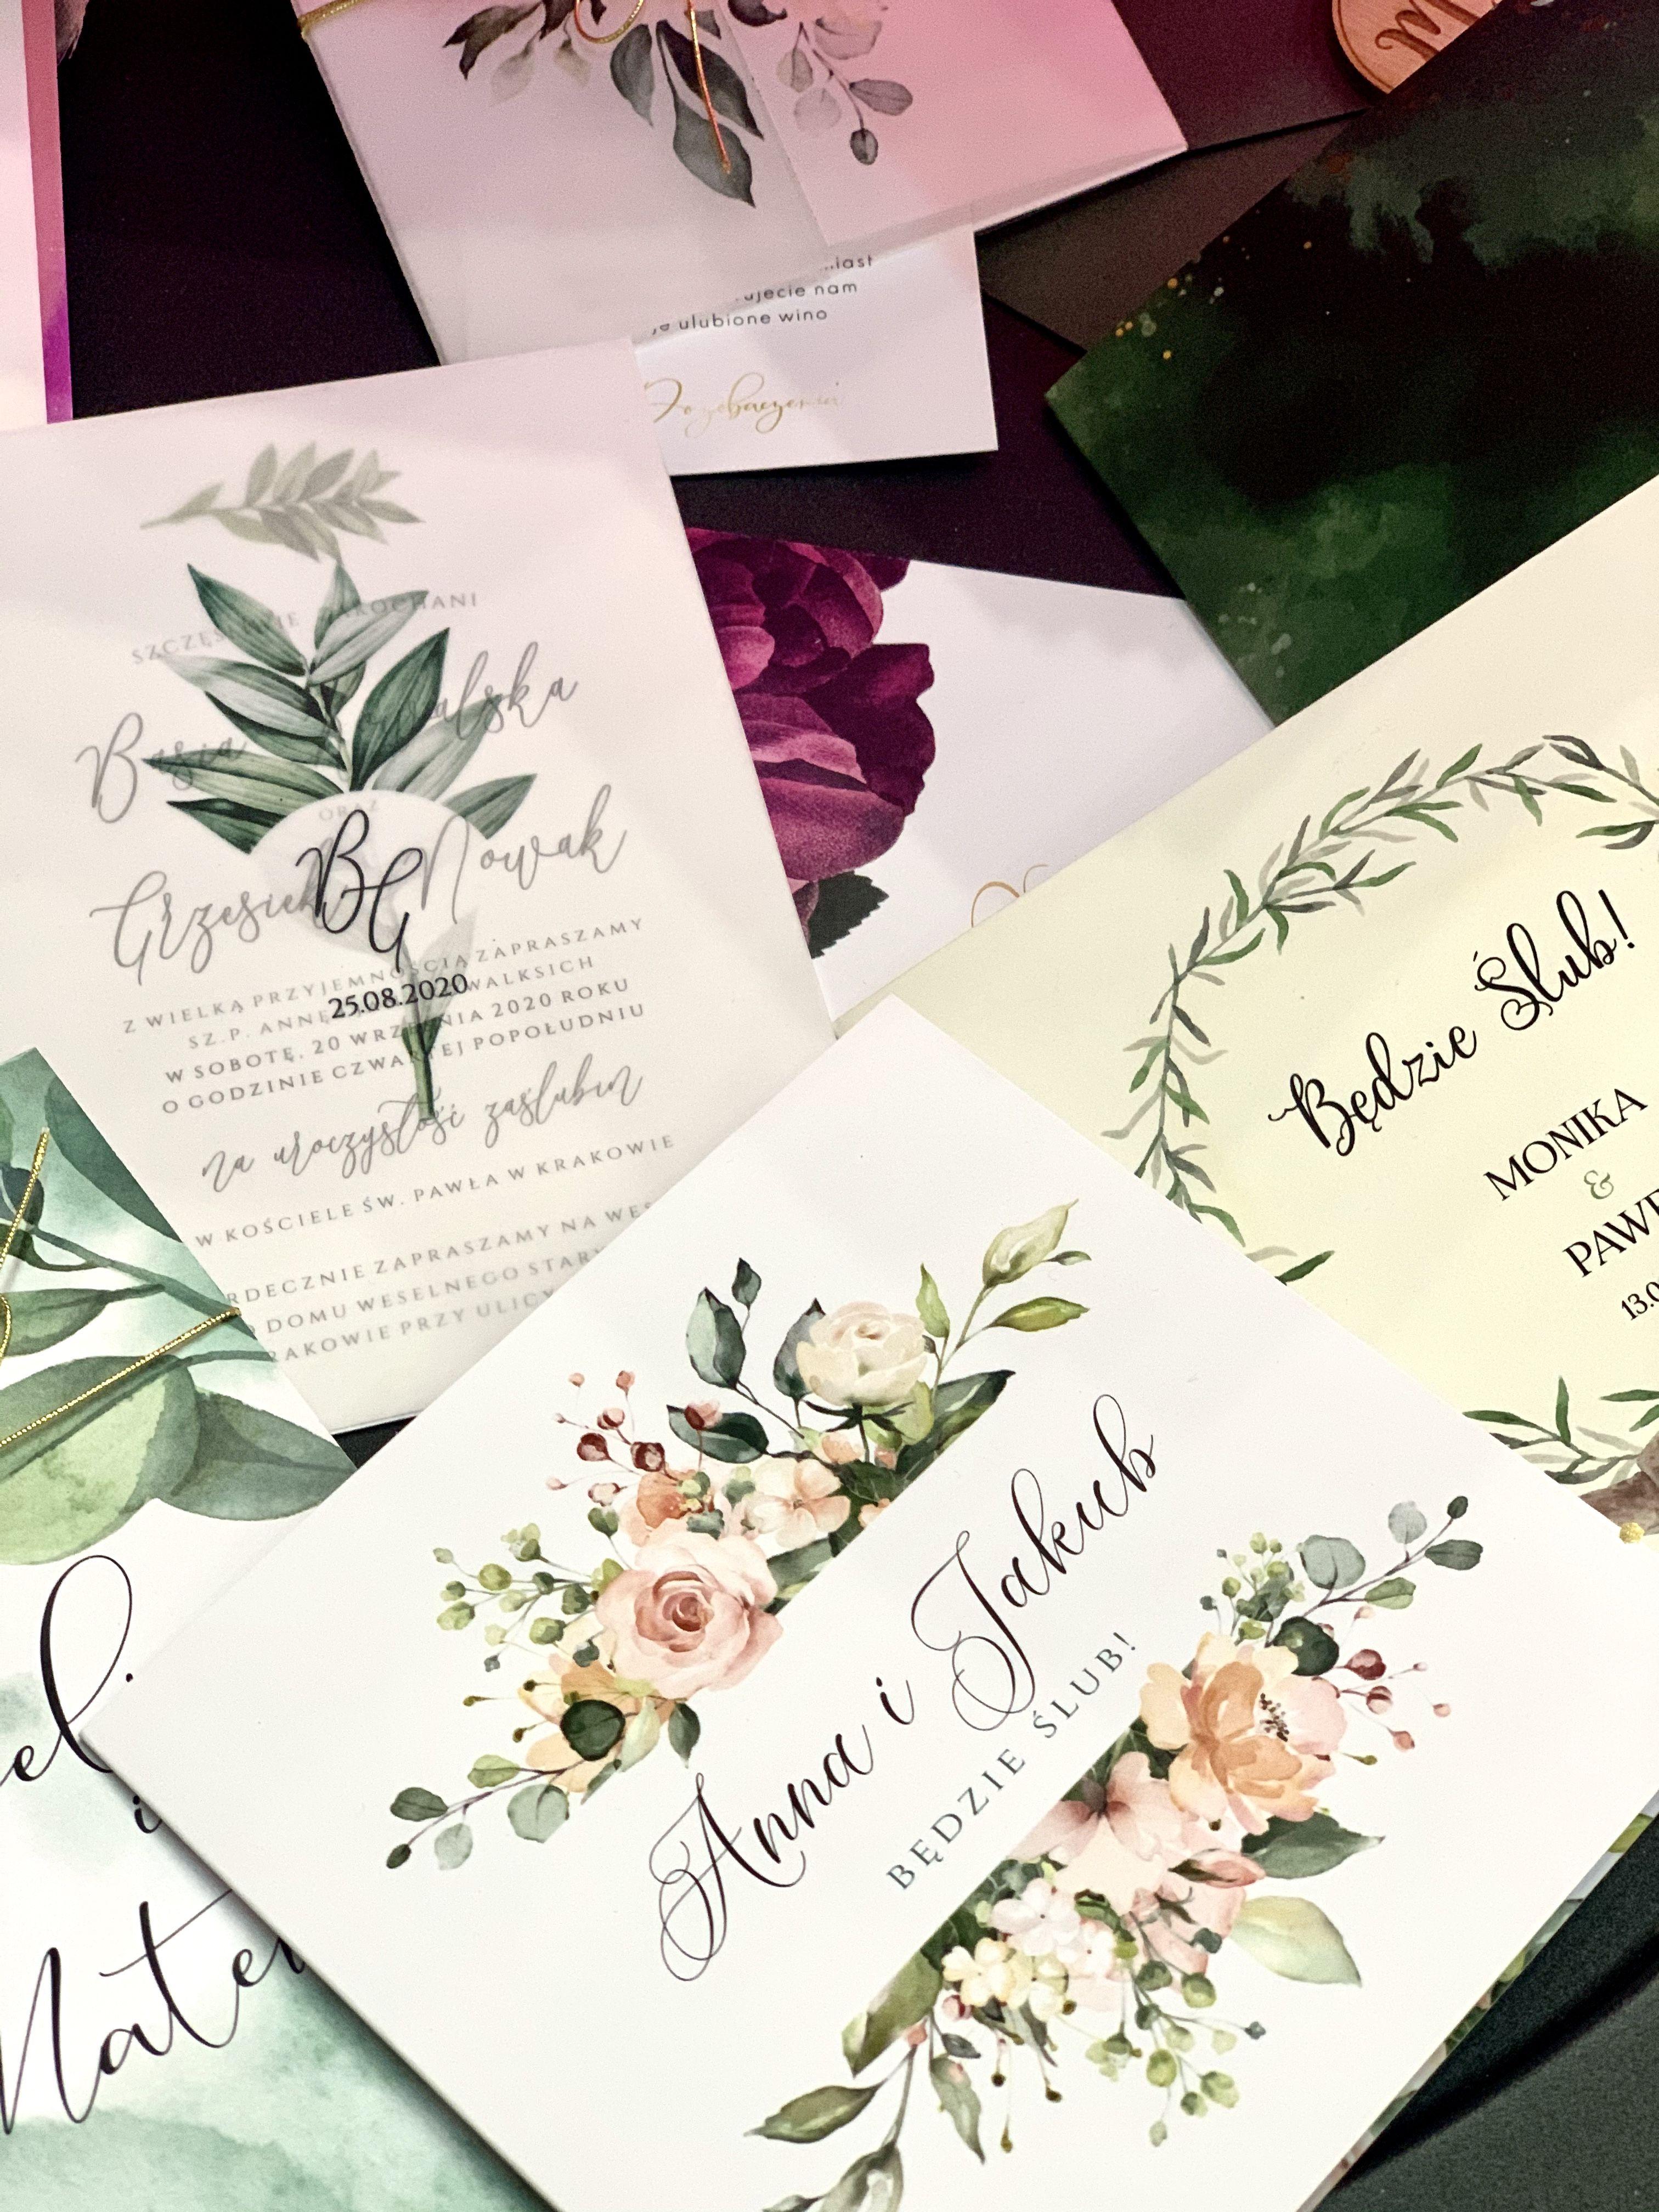 Papeteria Slubna Zaproszenia Boho Rustykalne Weselne Zaproszenia Liscie Zielone Greenery Kwiaty Roze Pudrowy Roz Eukaliptus Panna Mlo Facebook Sign Up